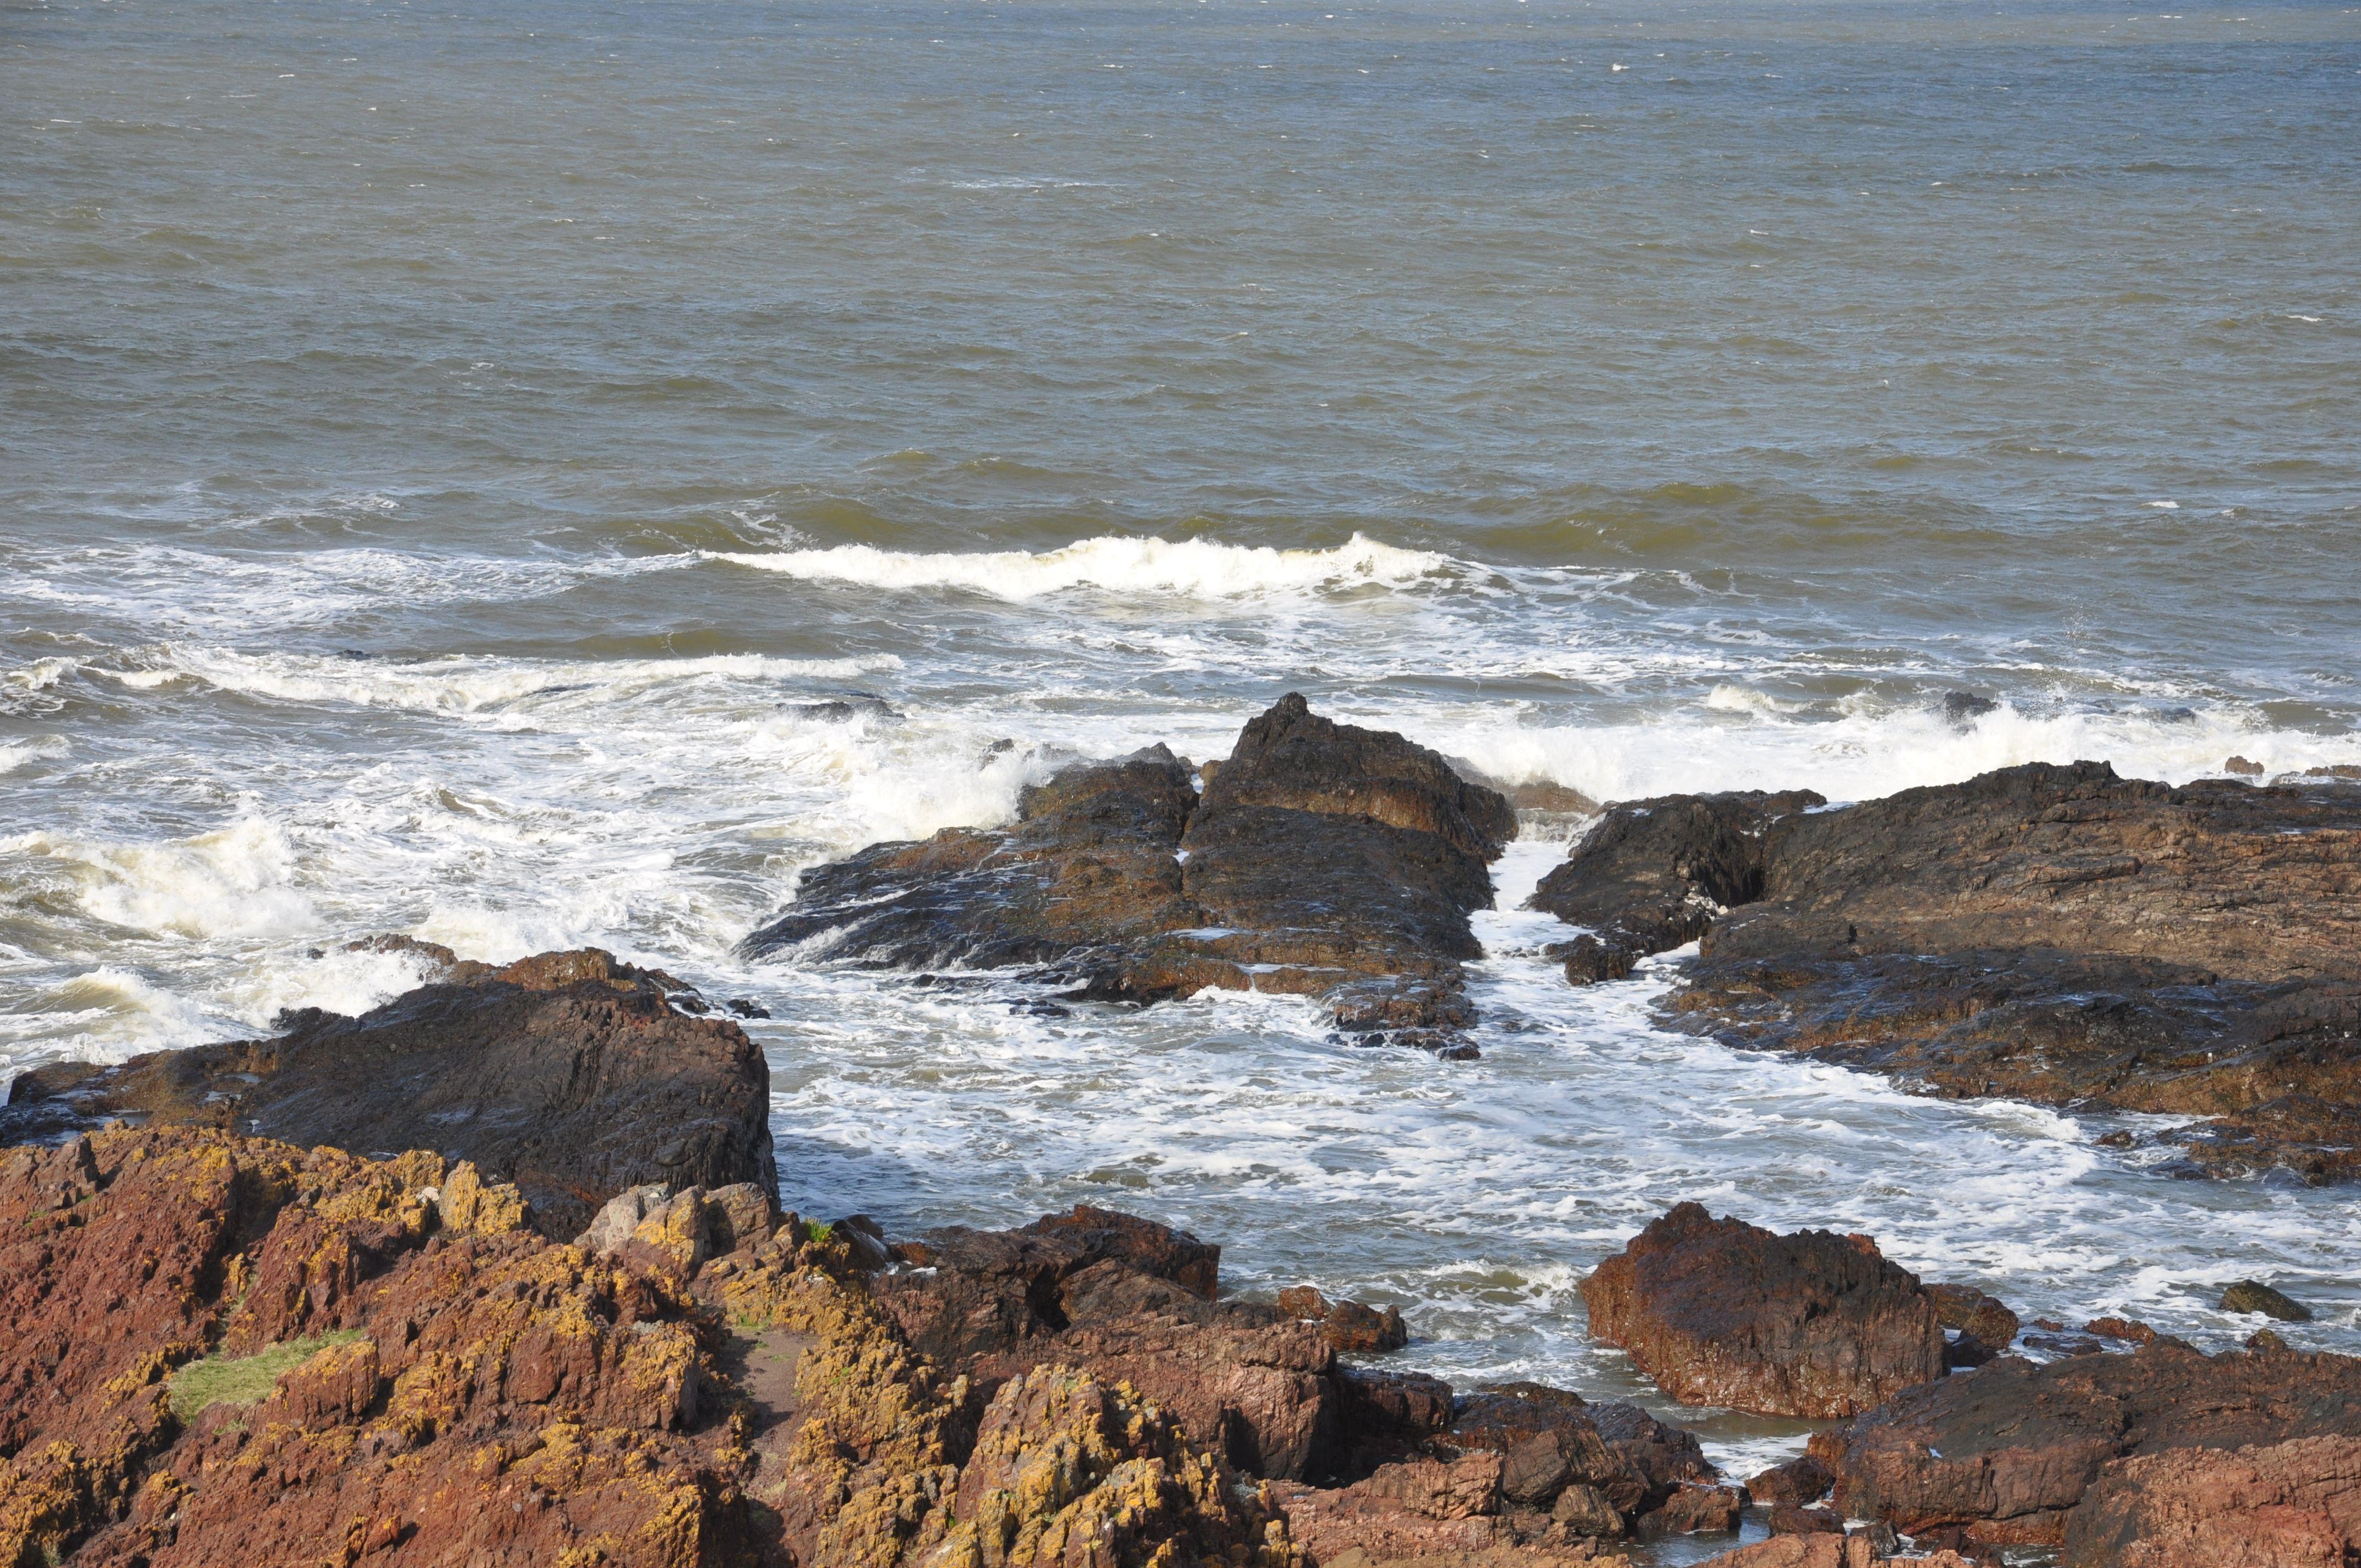 La Playita De Los Ingleses Y Sus Piscinas Entre Rocas Paisaje Marino Playa Piscinas